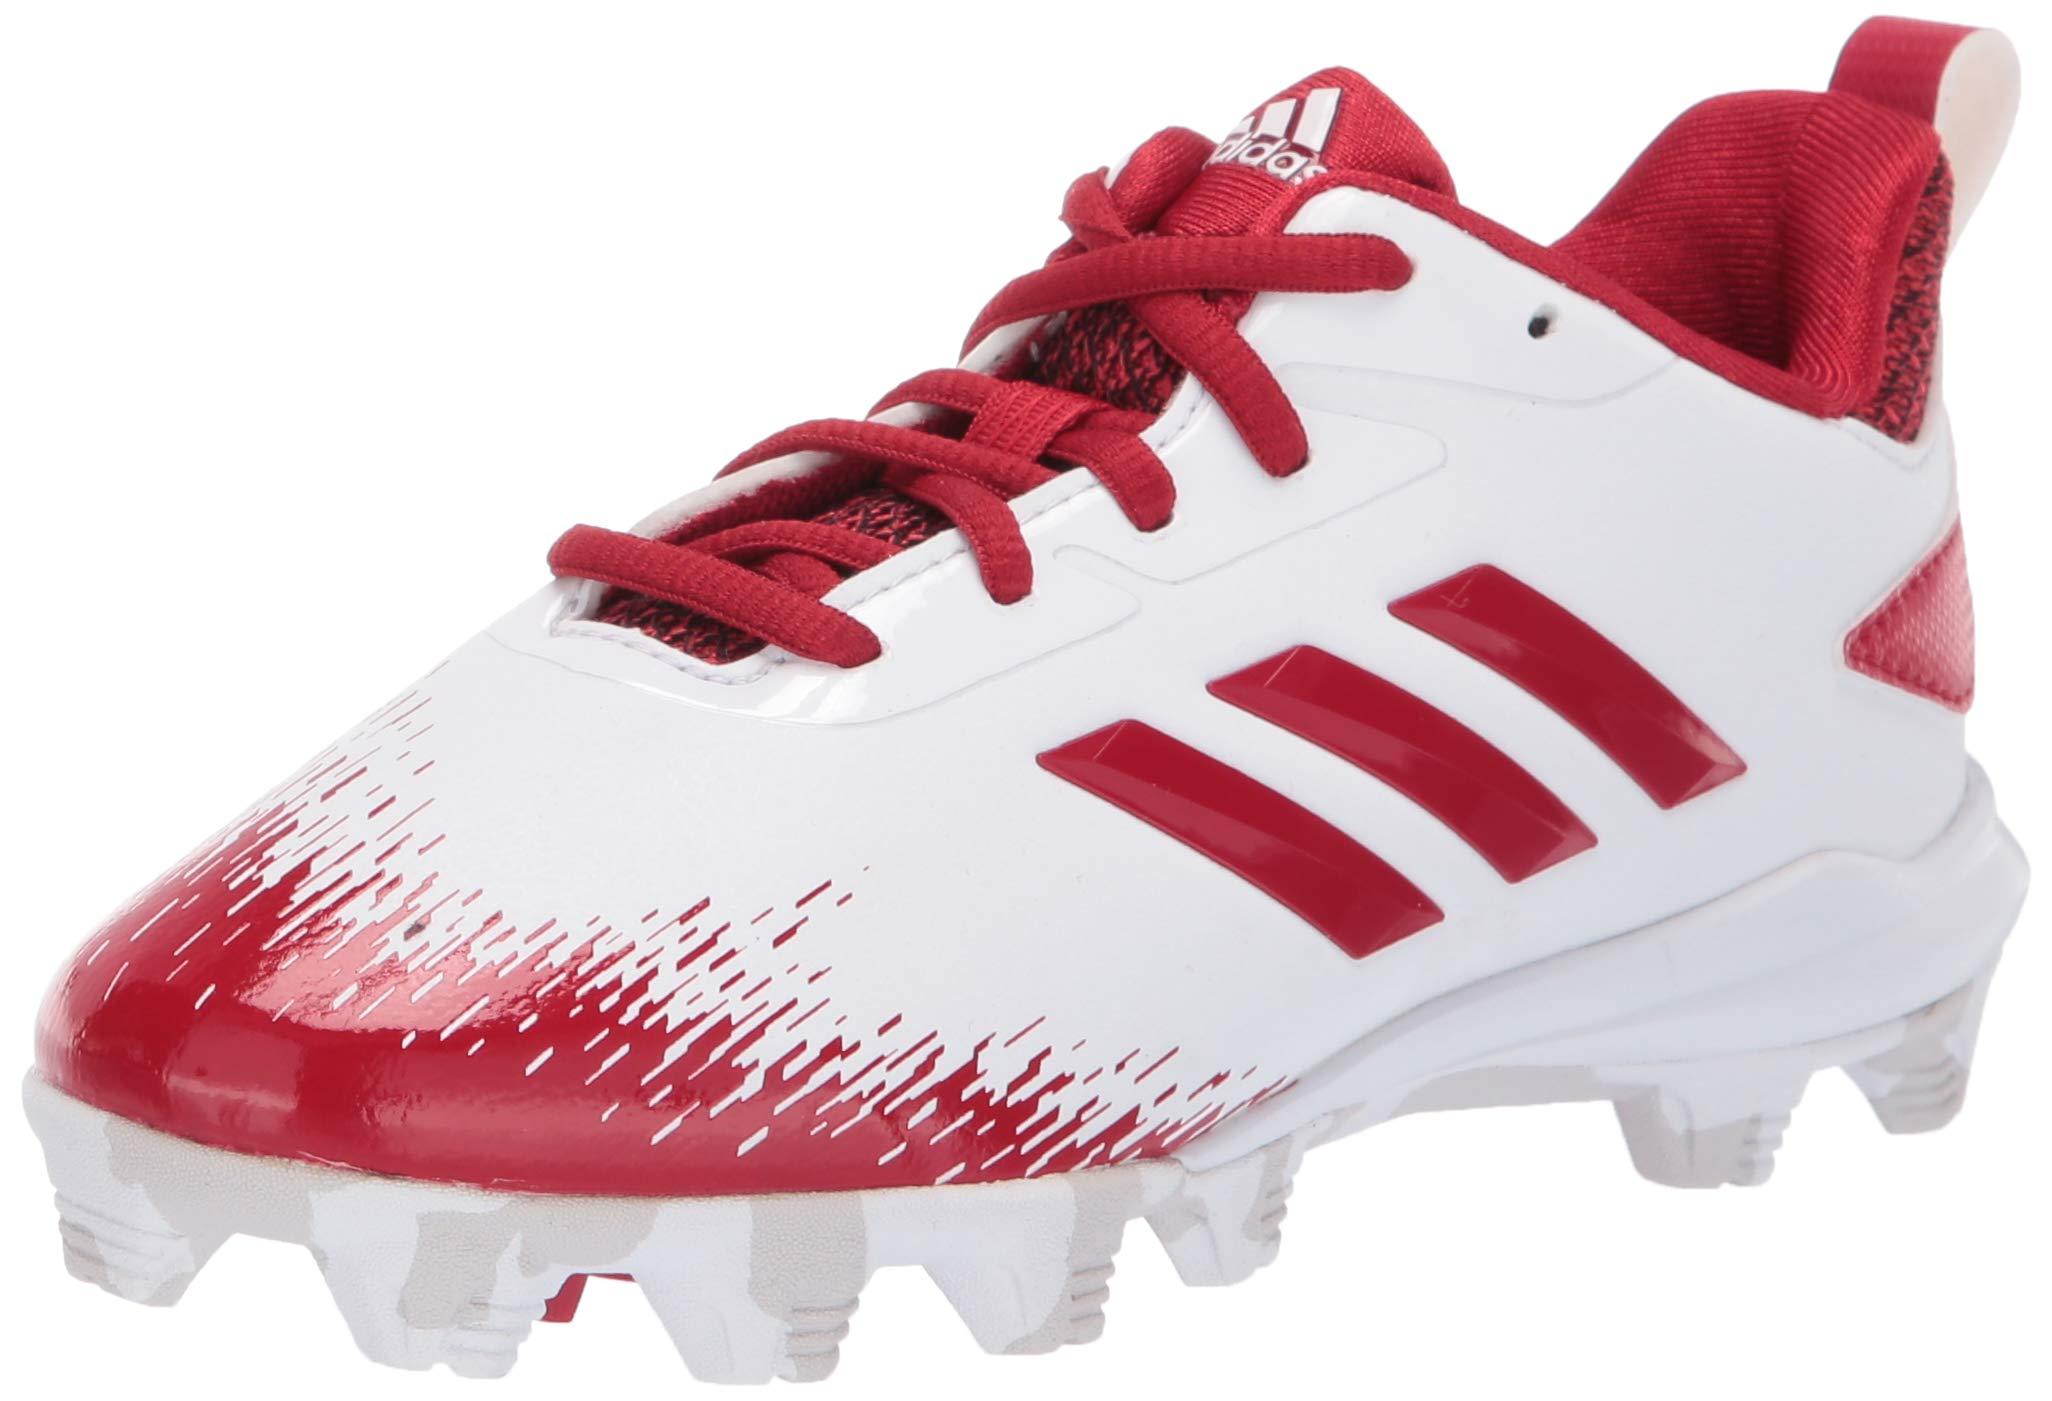 adidas Unisex Adizero Afterburner V Baseball Shoe White/Power red/Grey 1.5 M US Little Kid